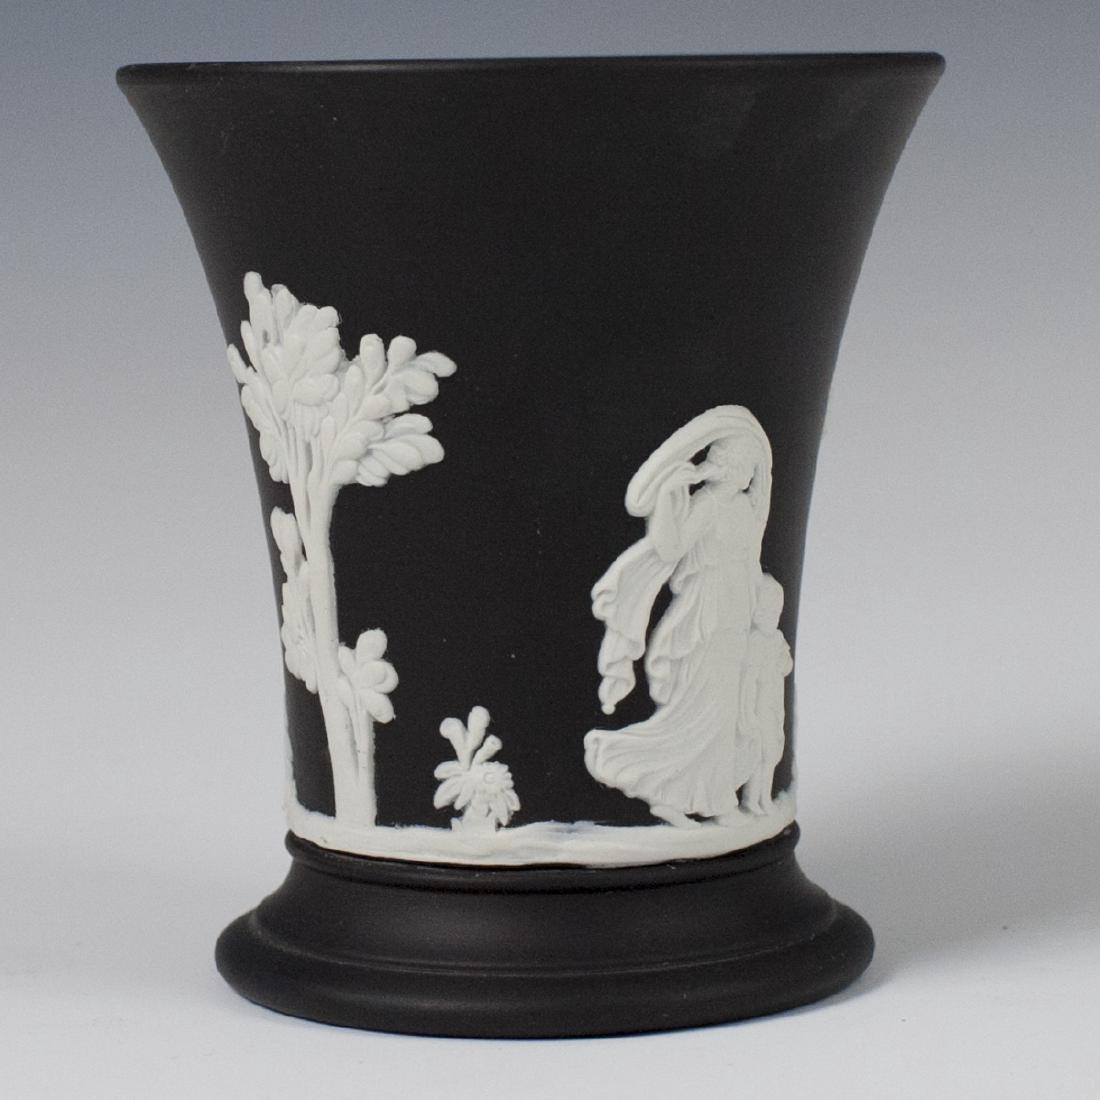 Wedgwood Black Jasperware Pencil Cup - 3